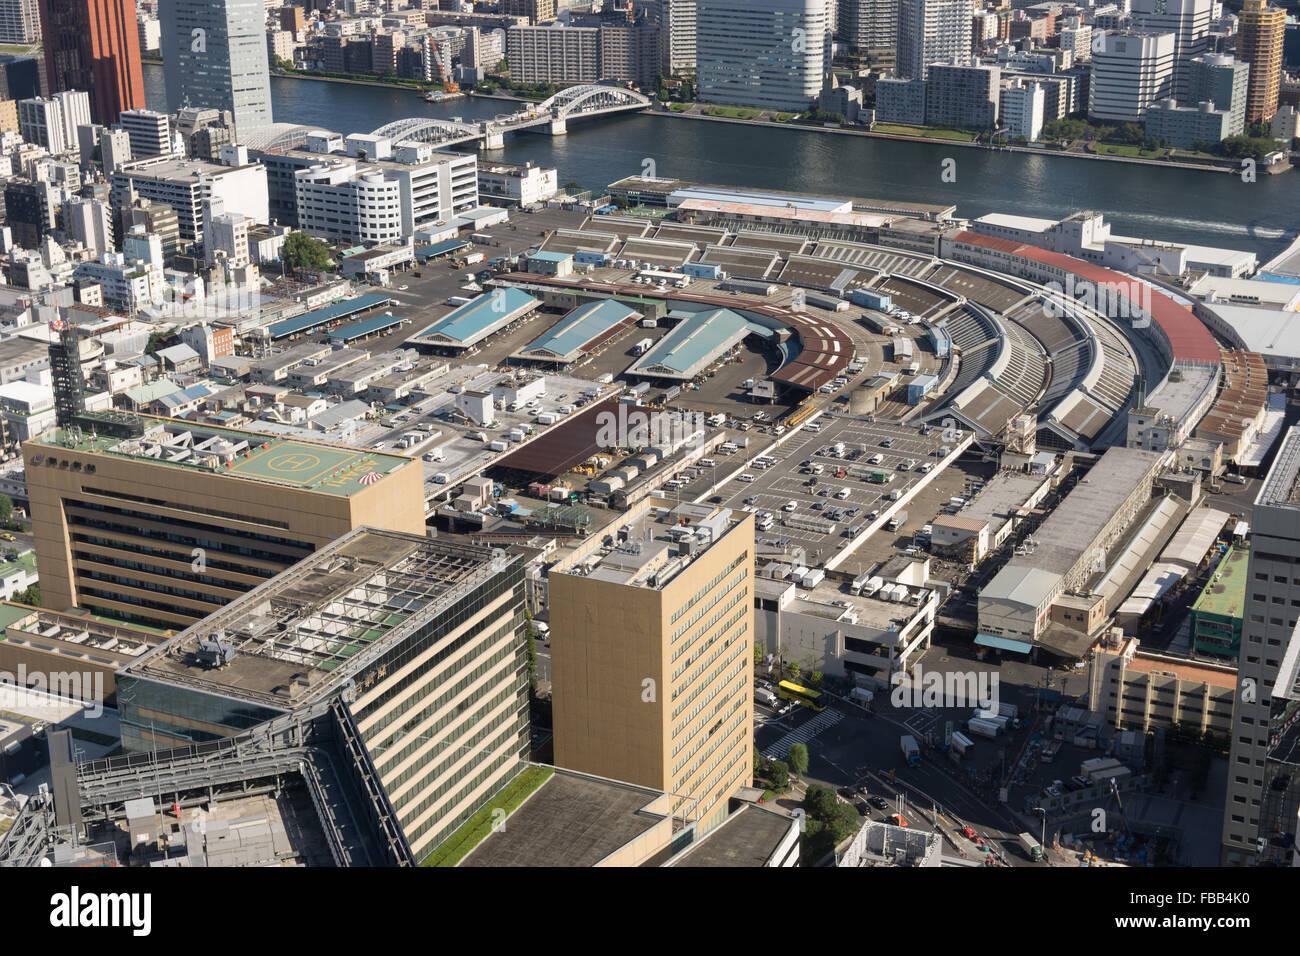 Vue aérienne du marché aux poissons de Tsukiji, Tokyo Banque D'Images